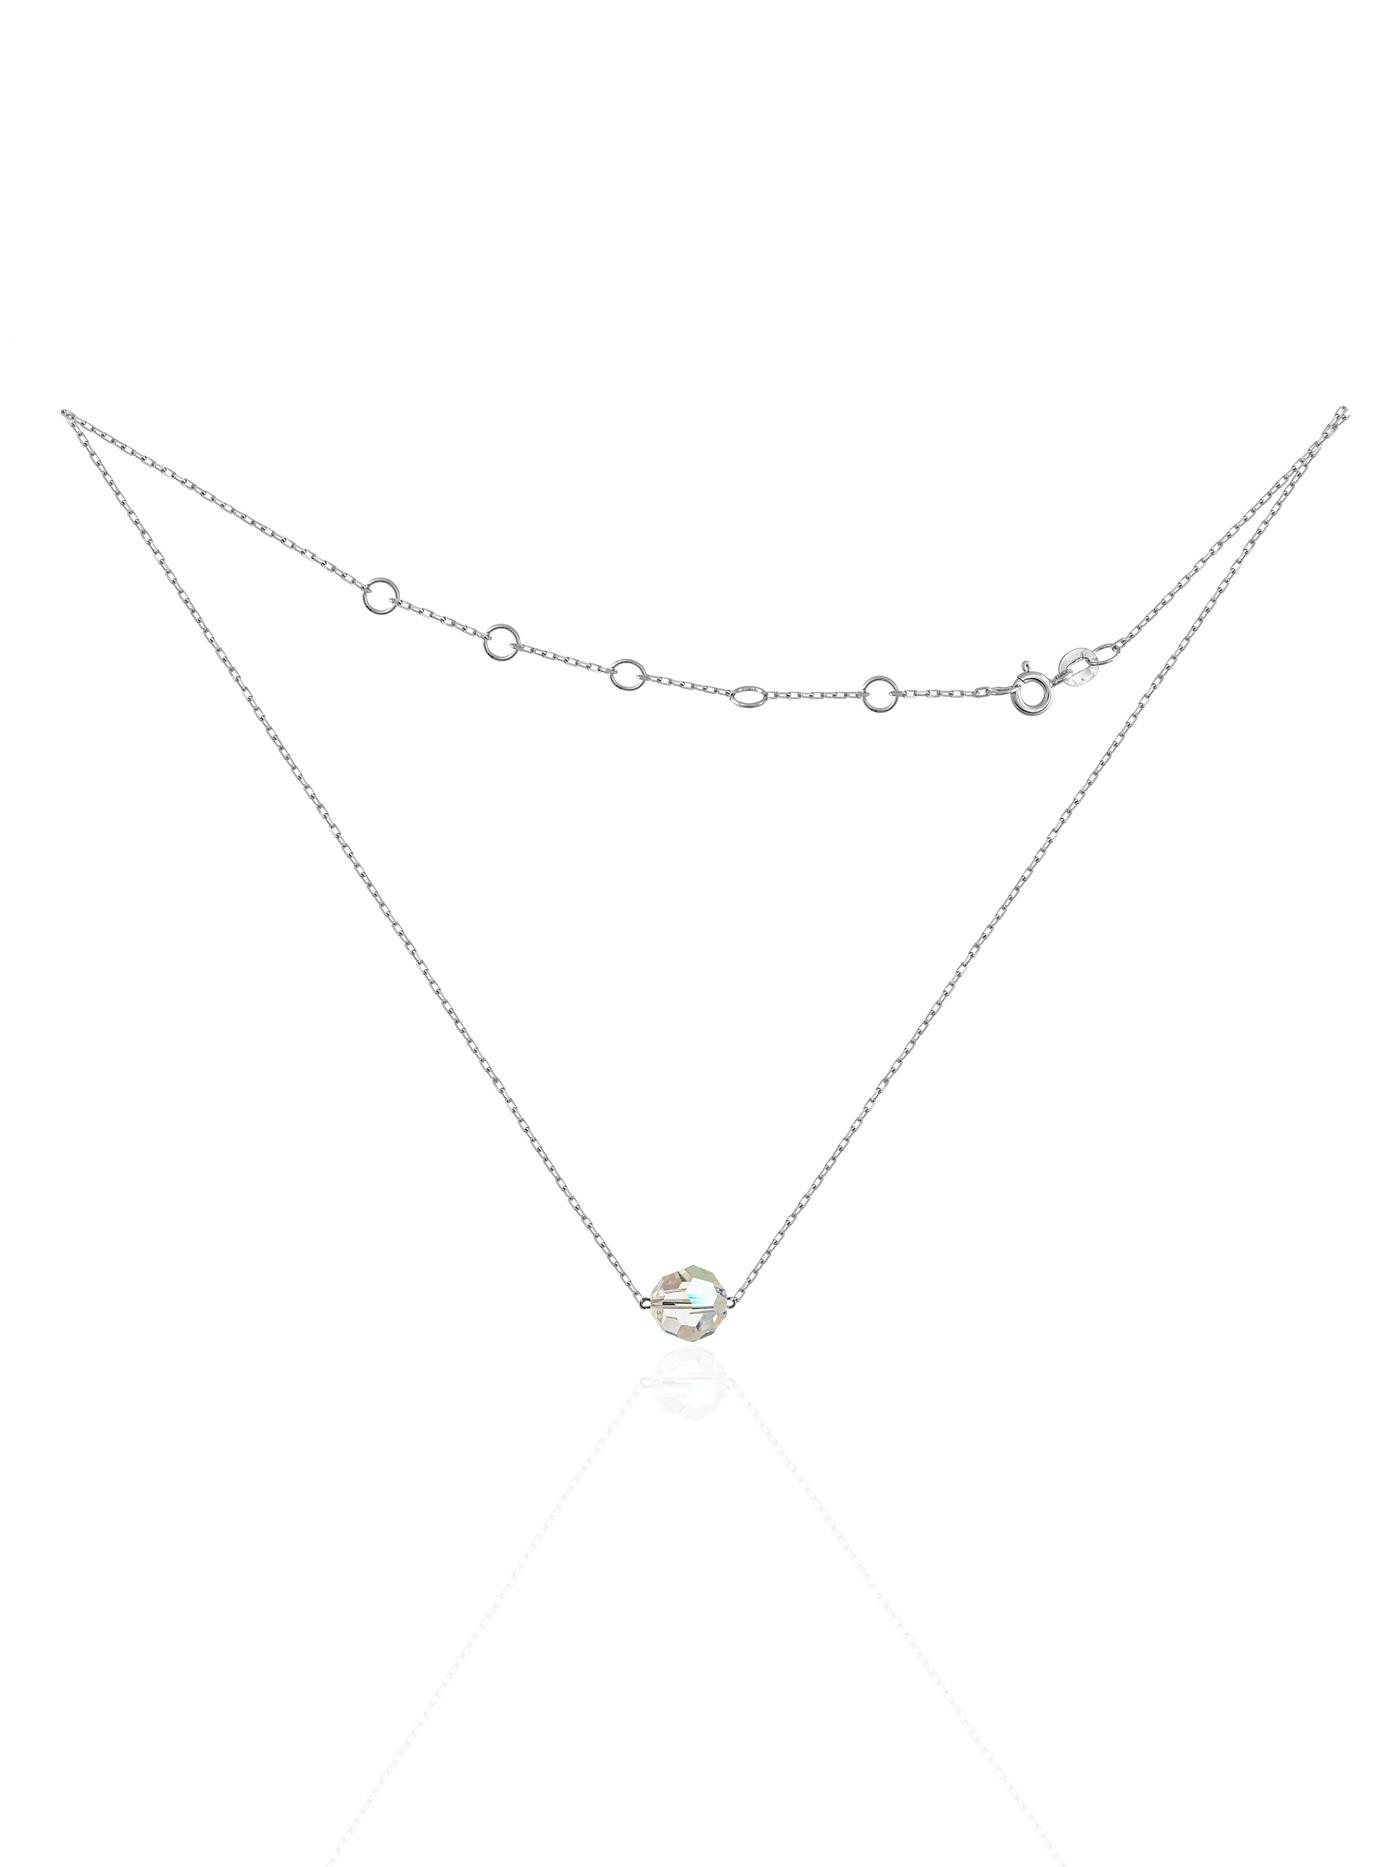 Чокер с премиум-кристаллом